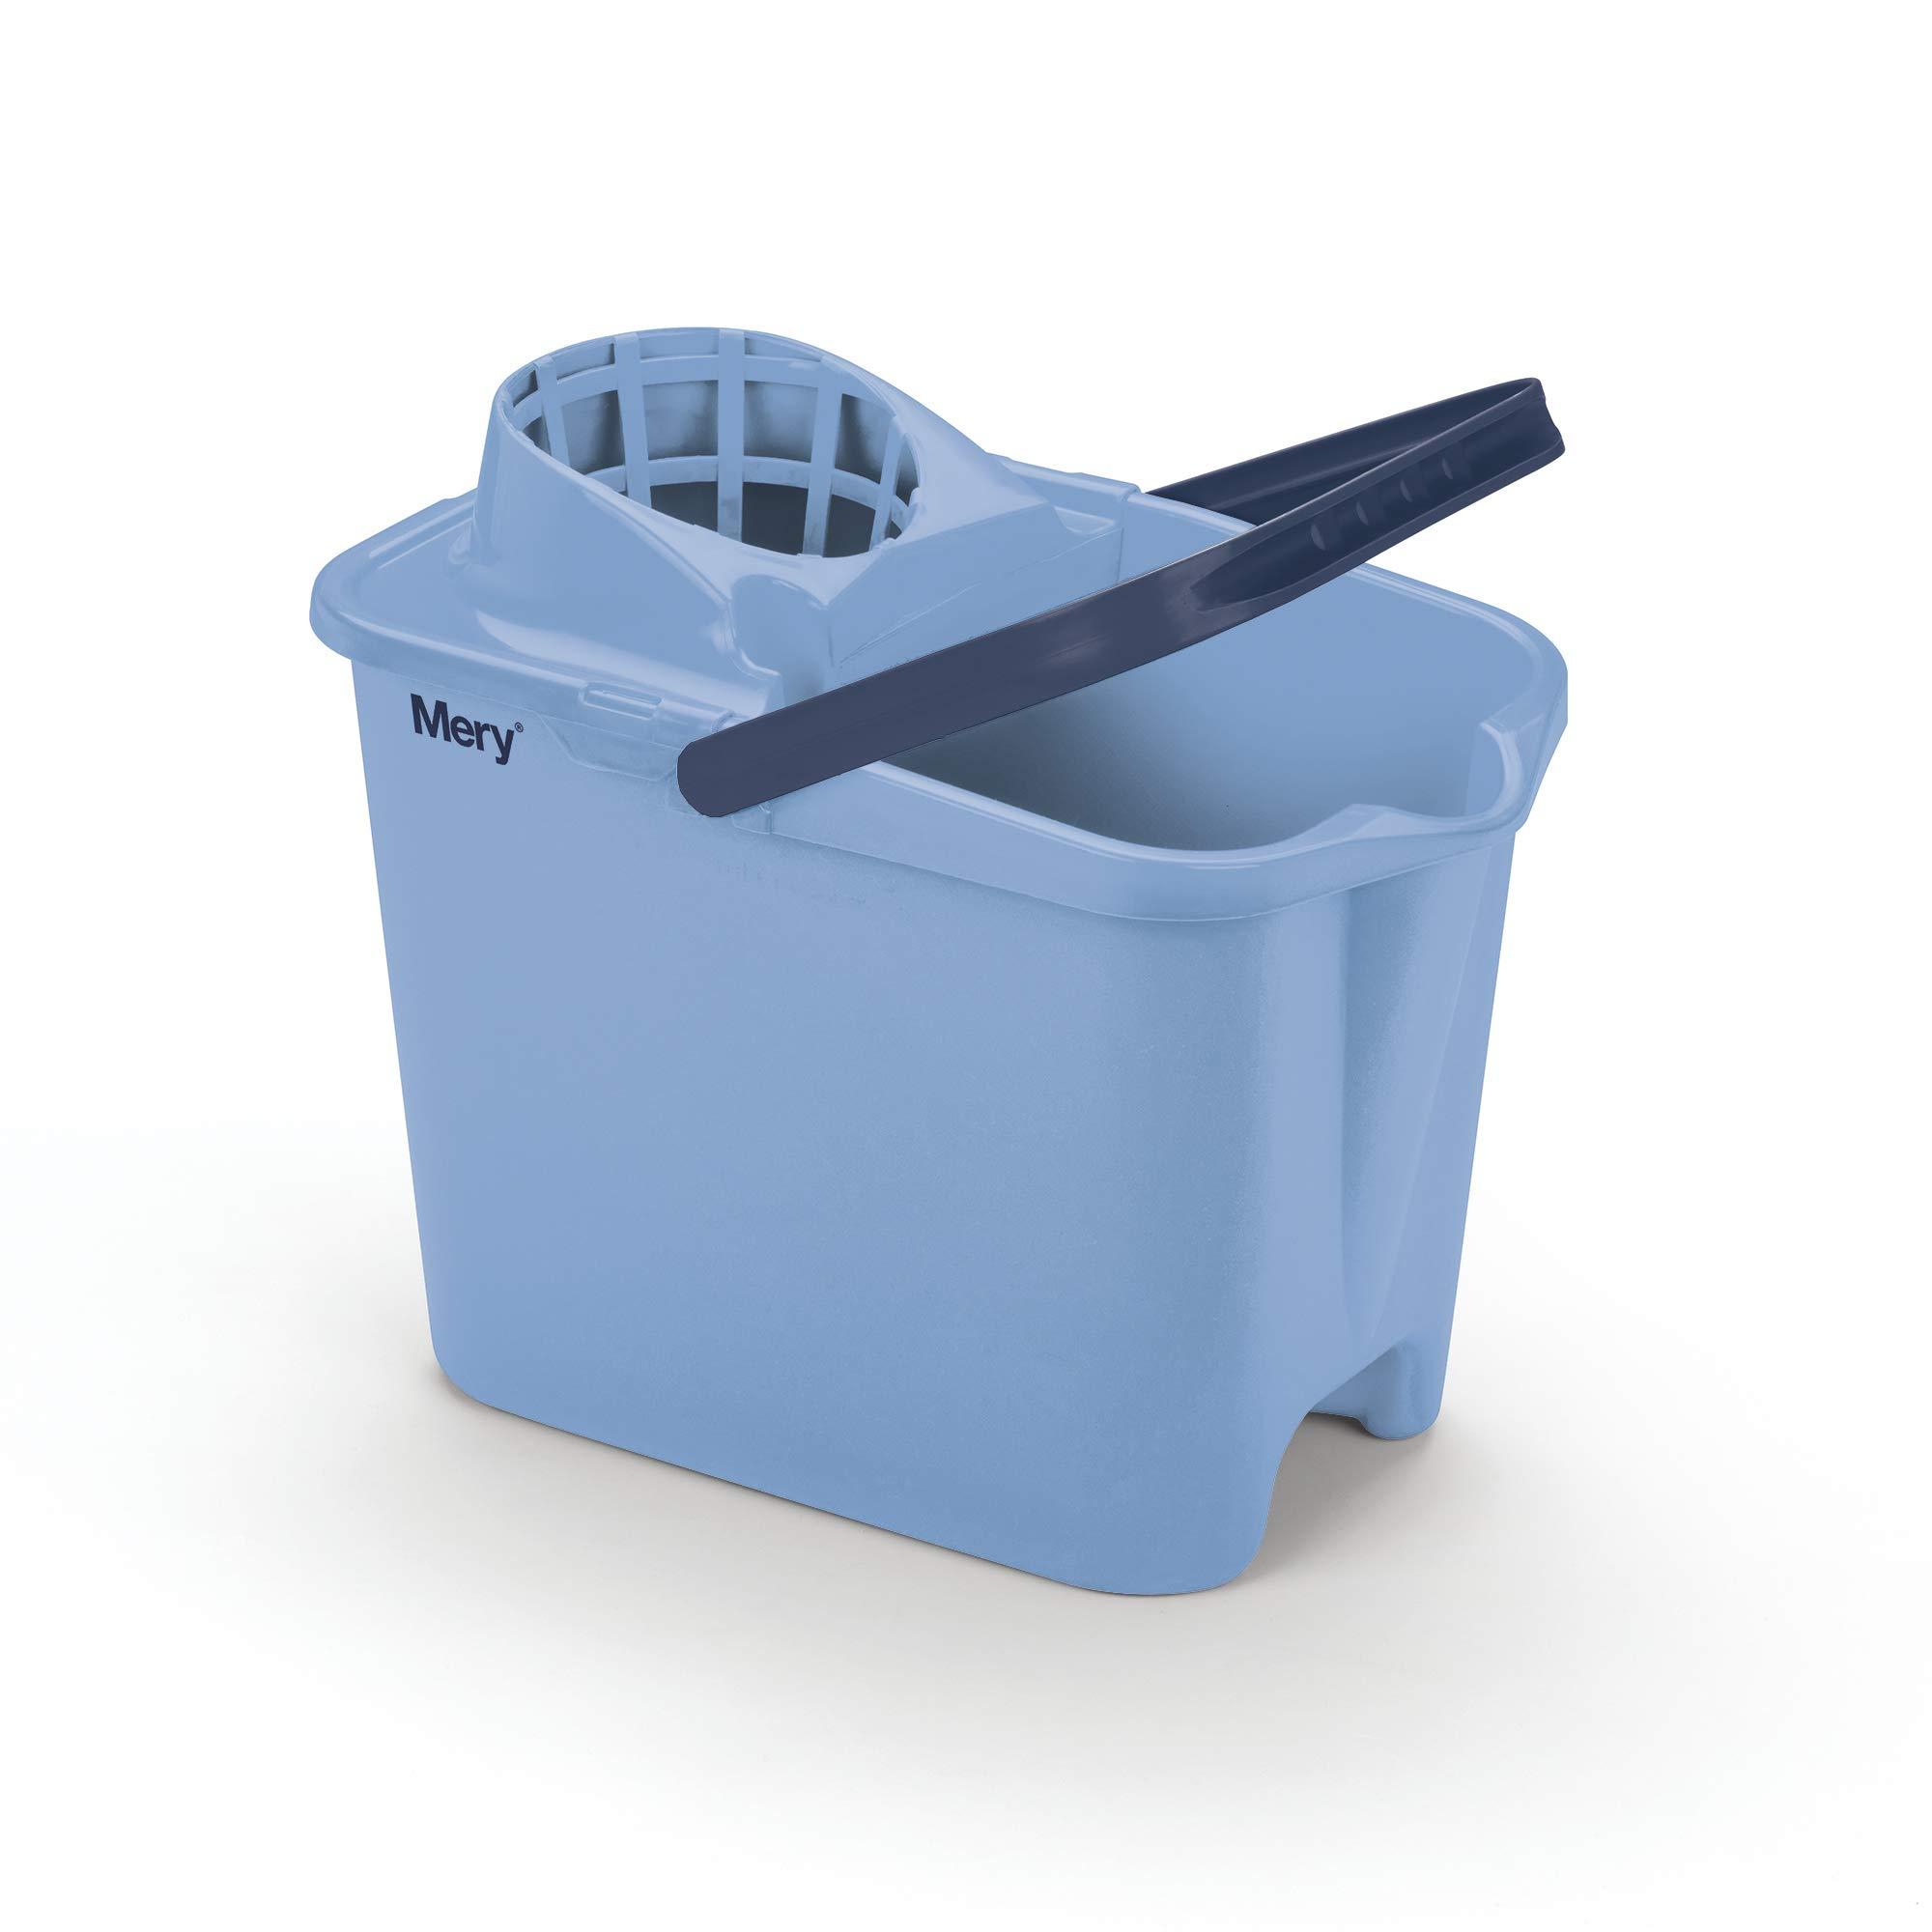 Mery 315.31 Cubo con Escurridor, Azul, 38 x 26 x 33 cm product image